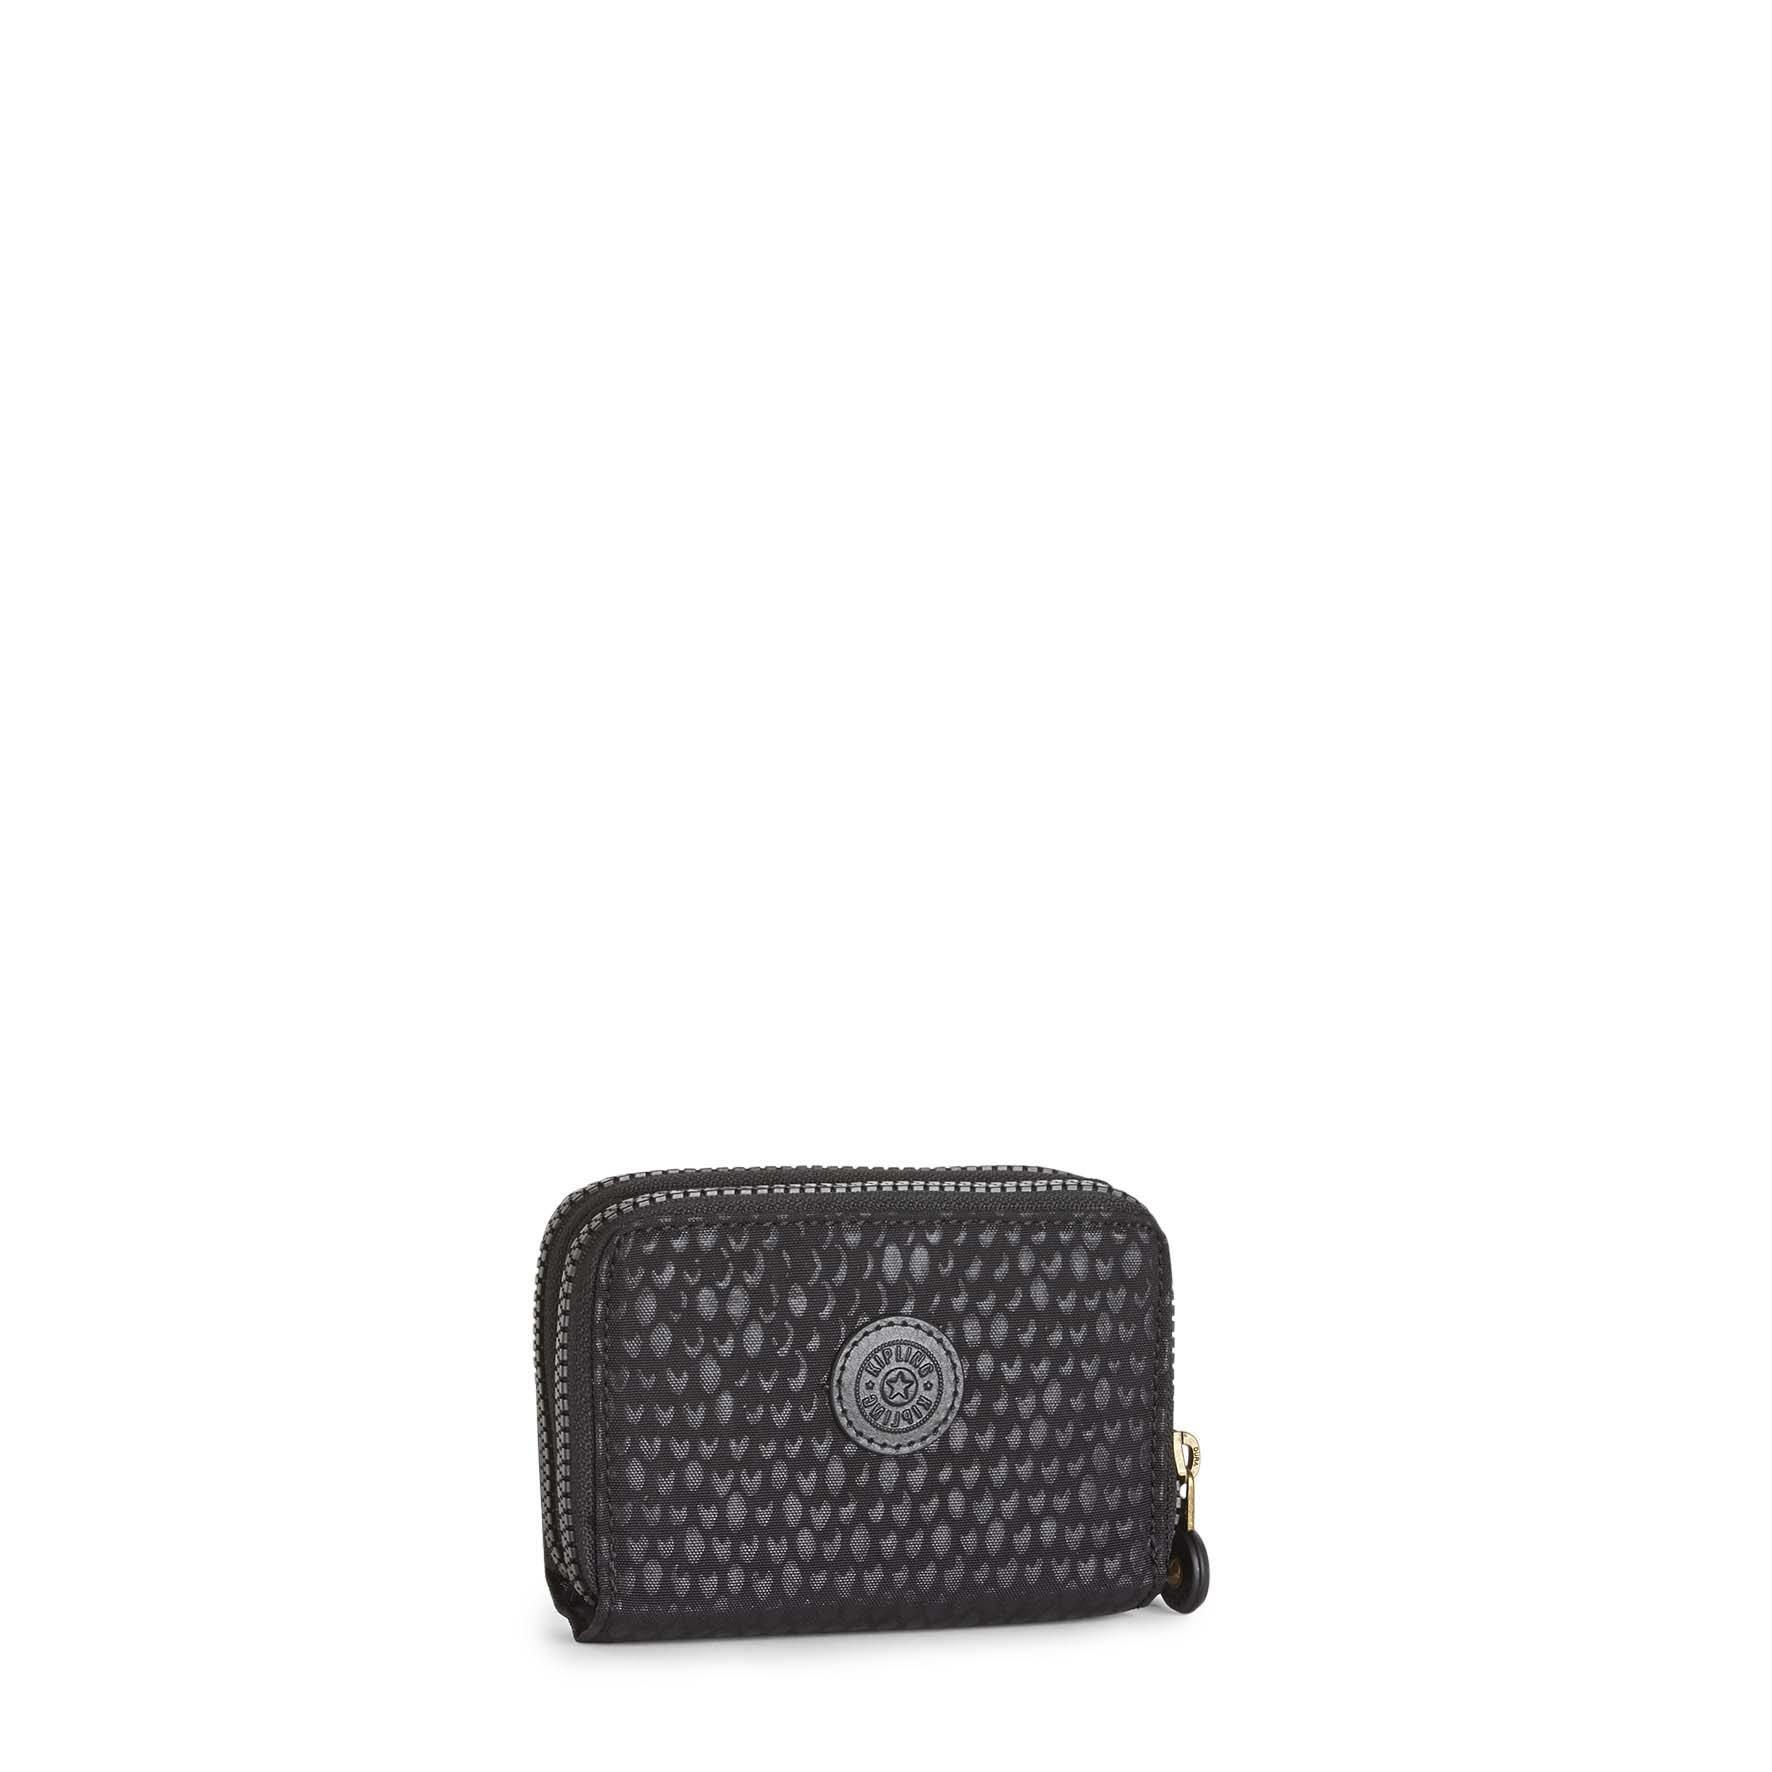 ארנק בינוני Abra - Black Scale Embשחור מנומר